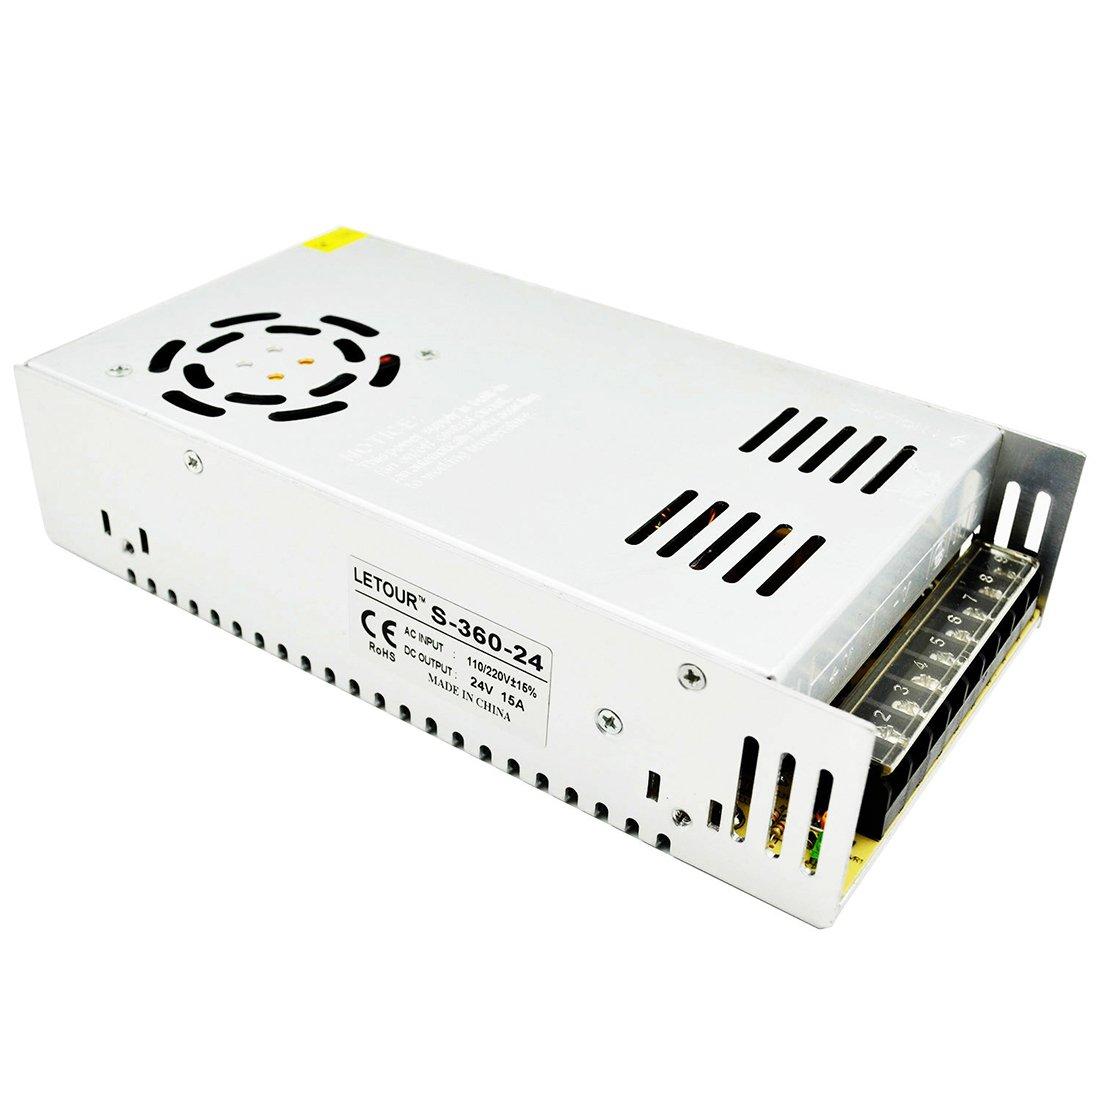 LETOUR LED Power Supply 24V 15A 360W AC 96V-240V Converter Adapter DC S-360W-24 Power Supply for LED Lighting,LED Strip,CCTV (24V 15A 360W)